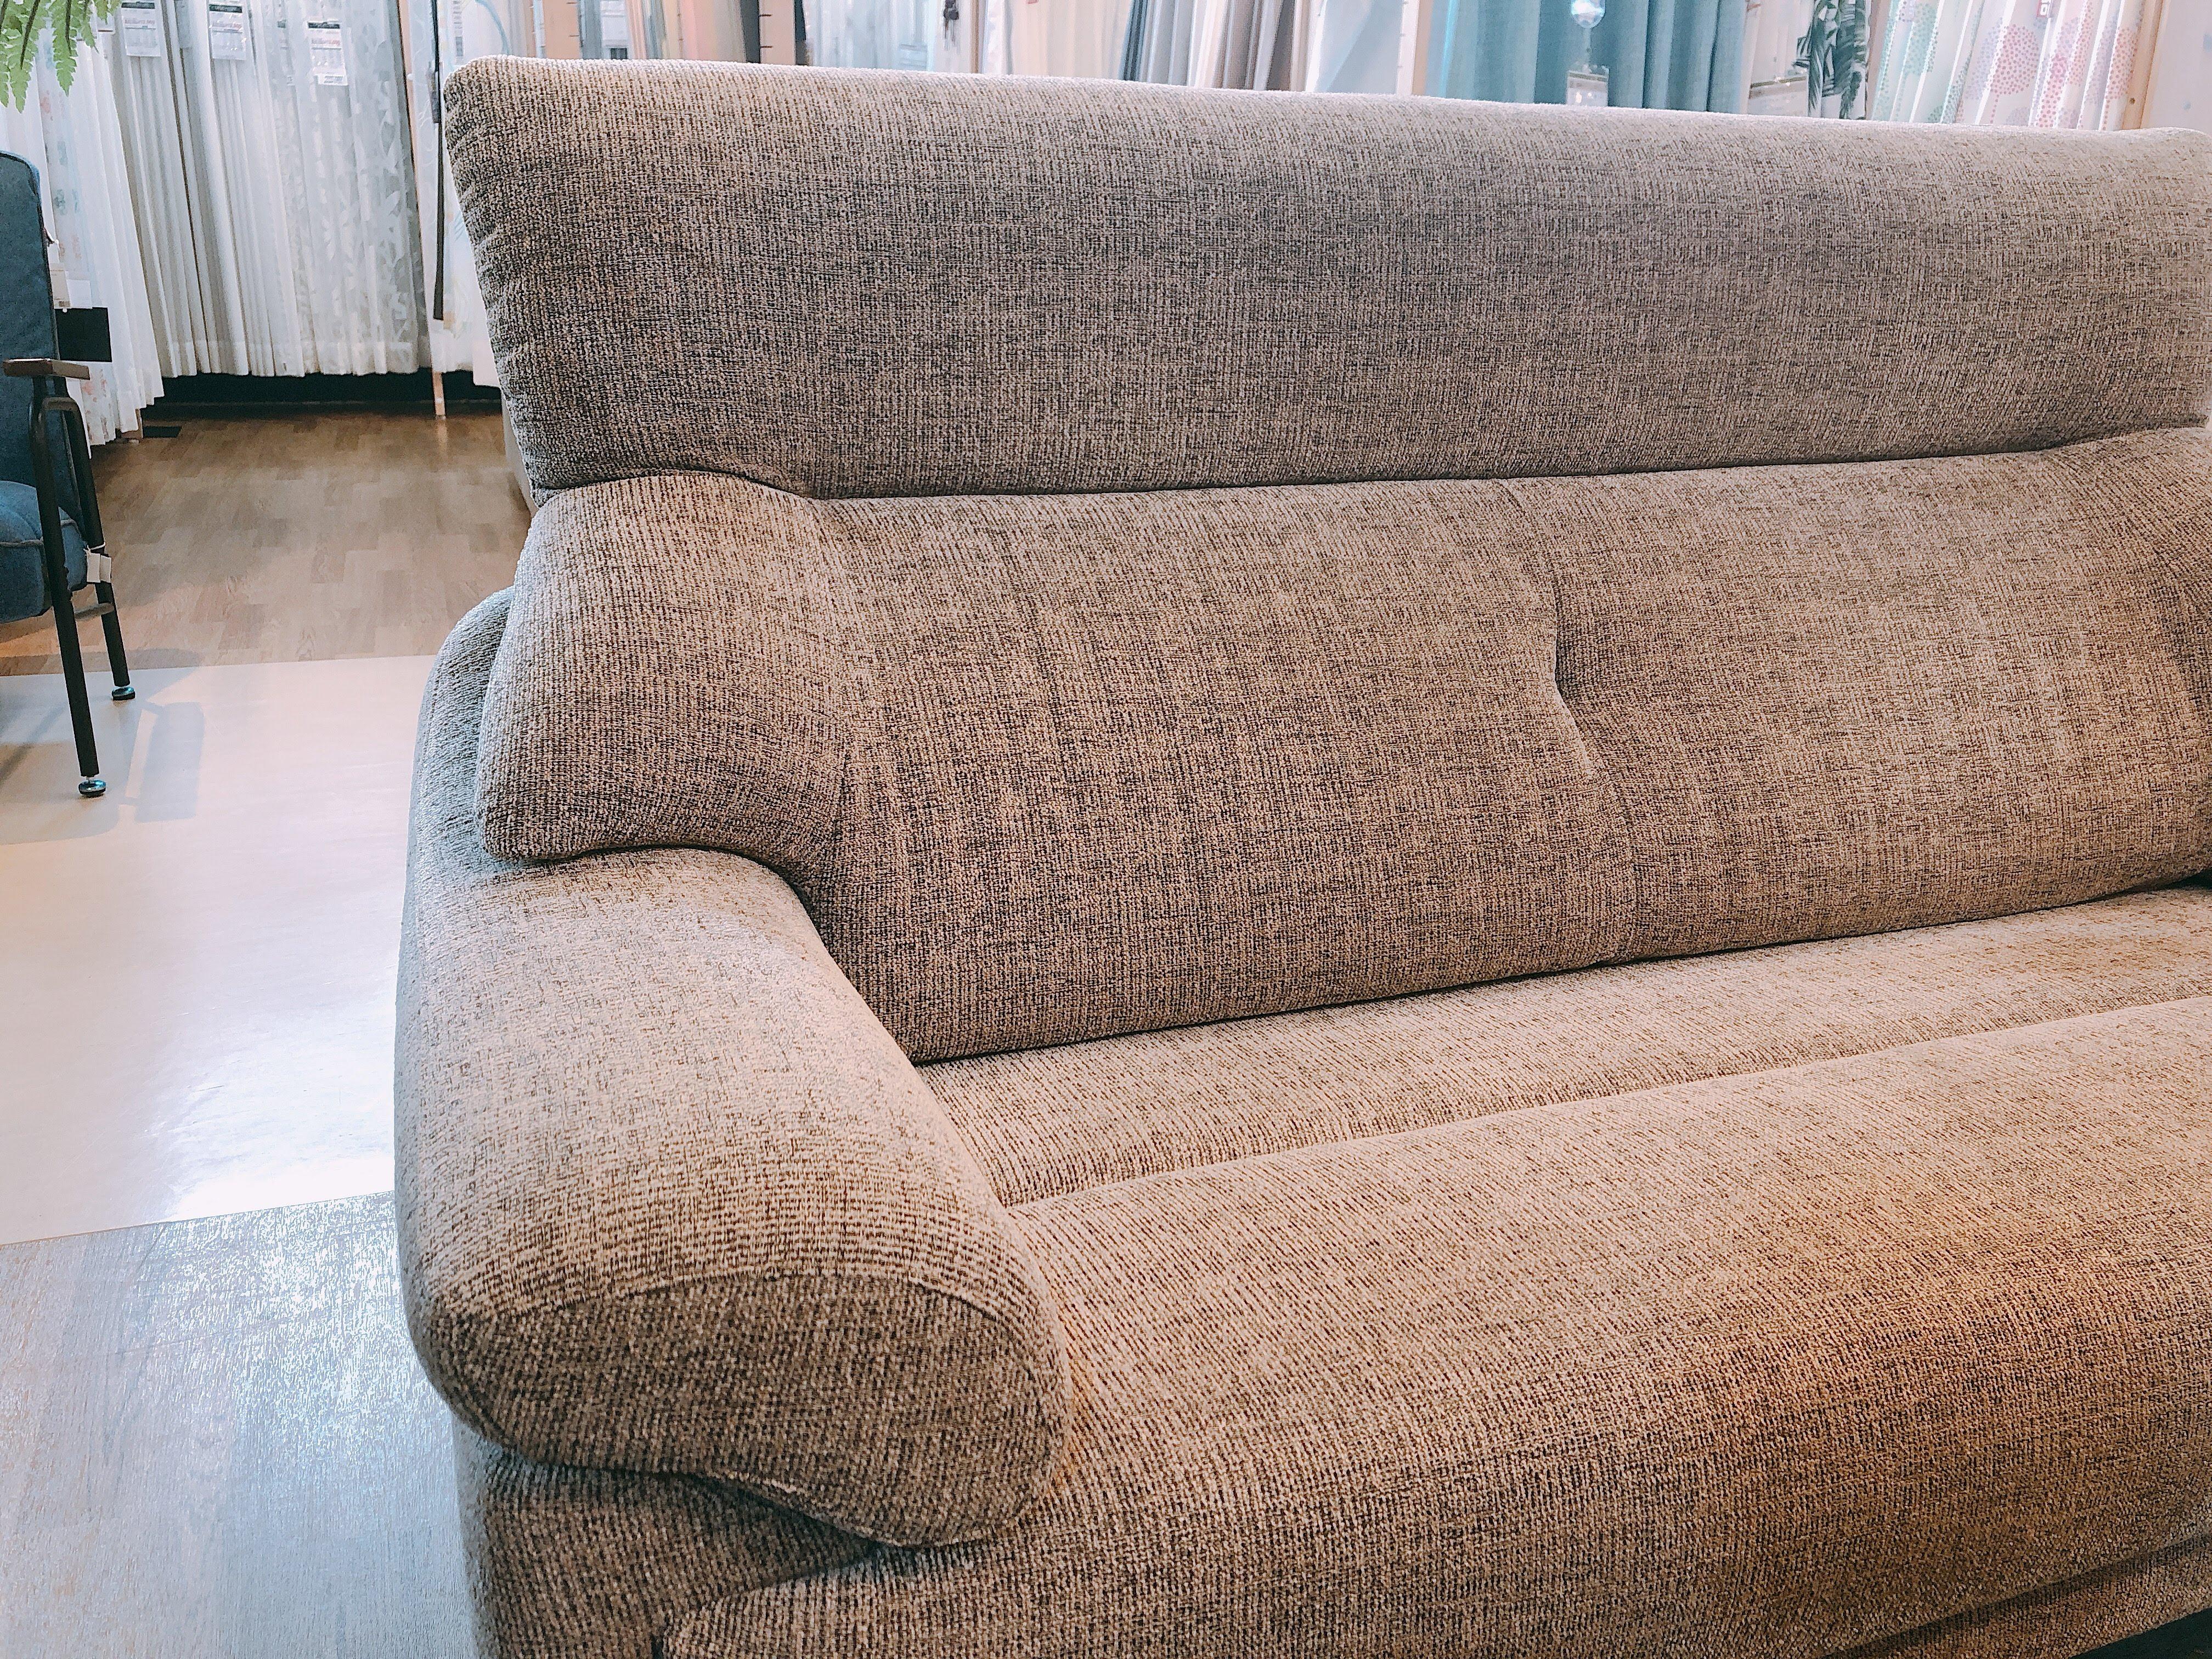 高級 国産ゆったり2人用ソファー布張り 展示品特価|山口店の画像2